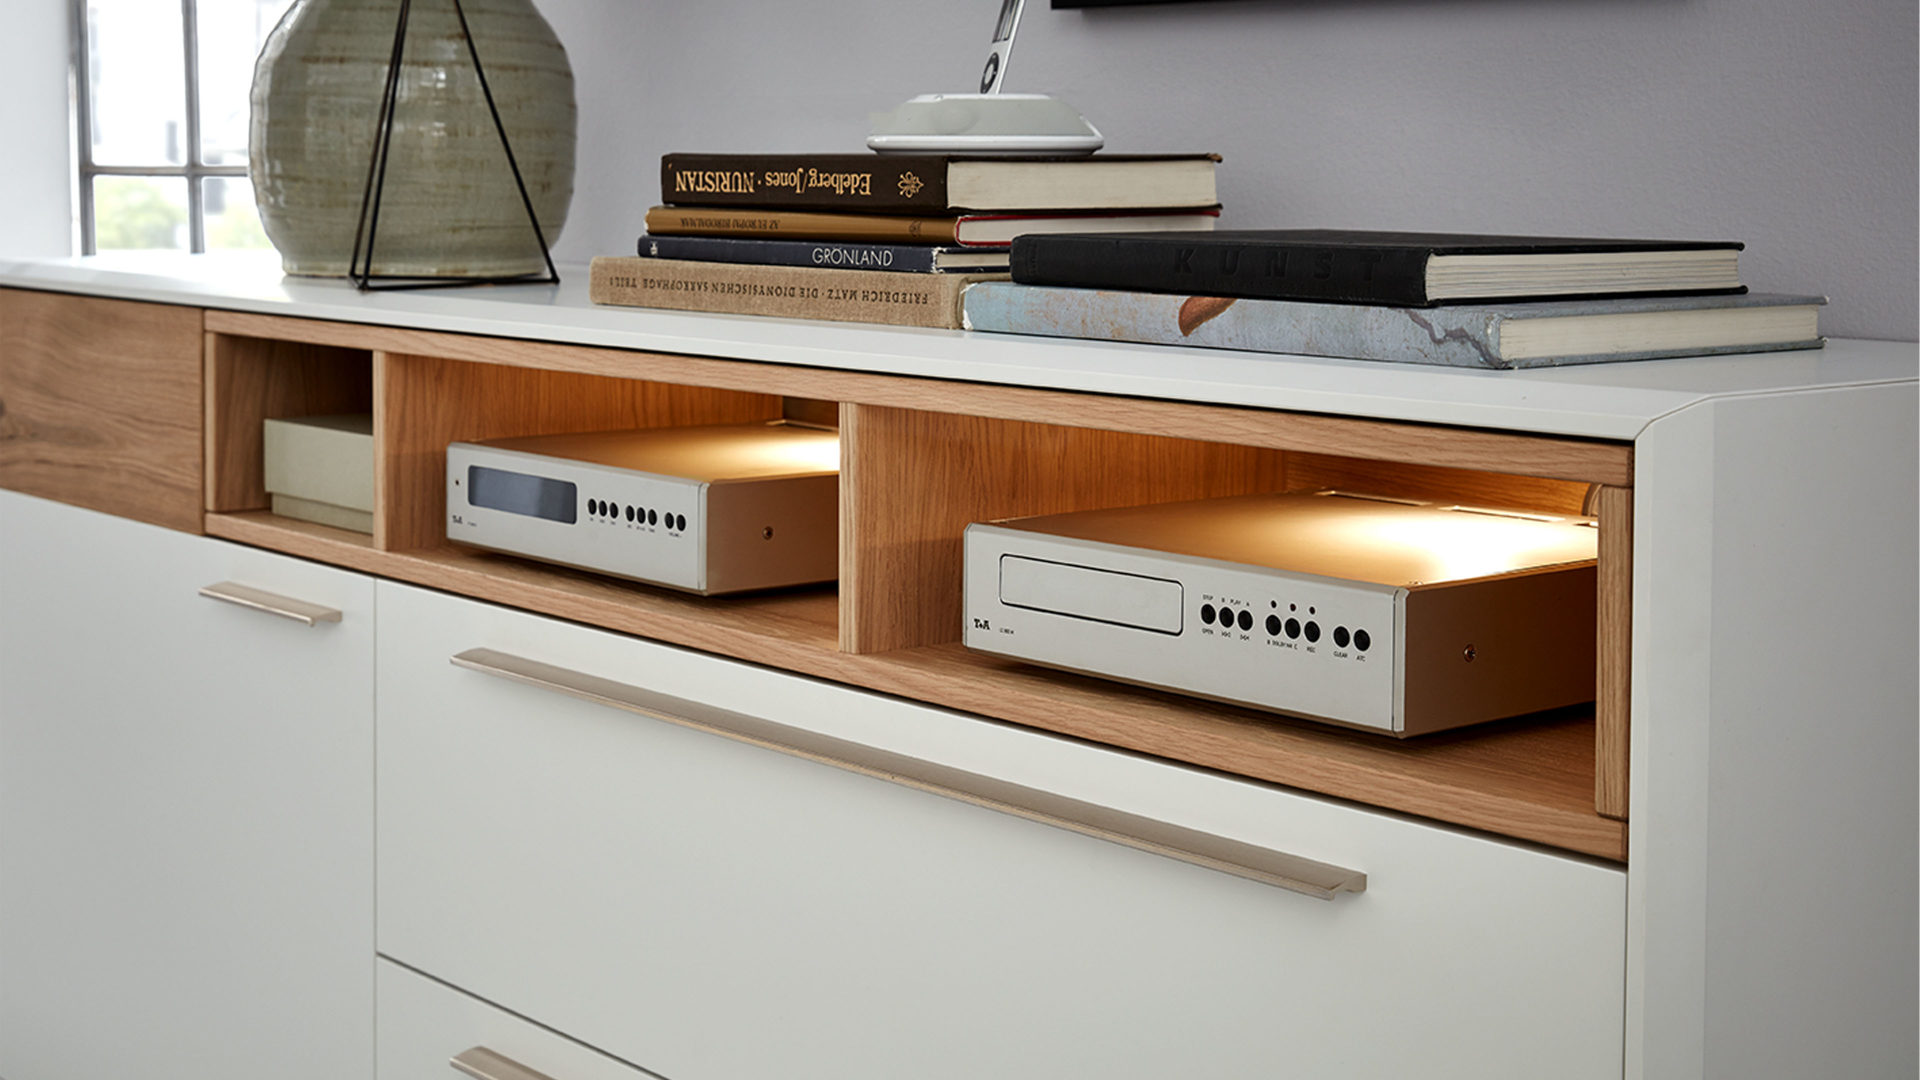 interliving wohnzimmer serie 2102 sideboard 510106 helles asteiche furnier weisser mattlack eine tur zwei klappen